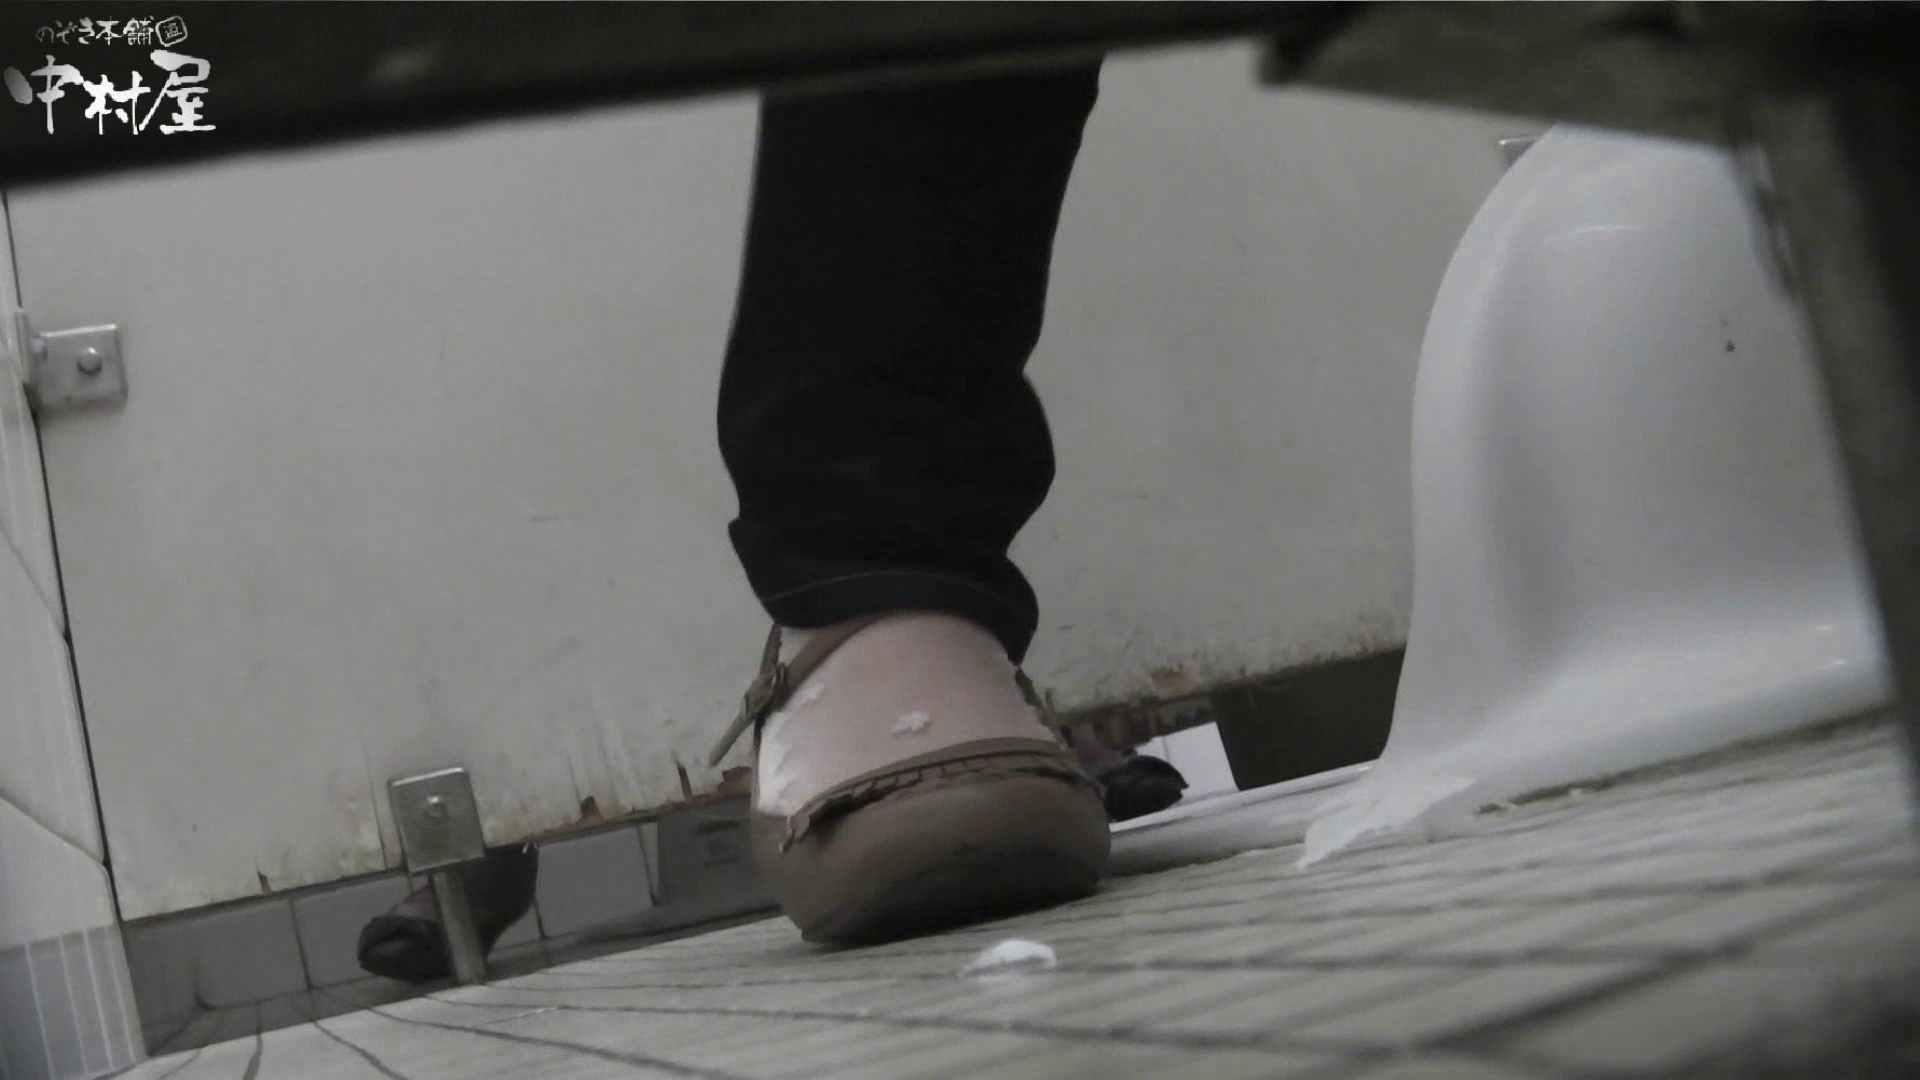 vol.52 命がけ潜伏洗面所! ピアノが上手そうなおねぃさんは剛毛な件 OLエロ画像 覗きワレメ動画紹介 112PICs 34